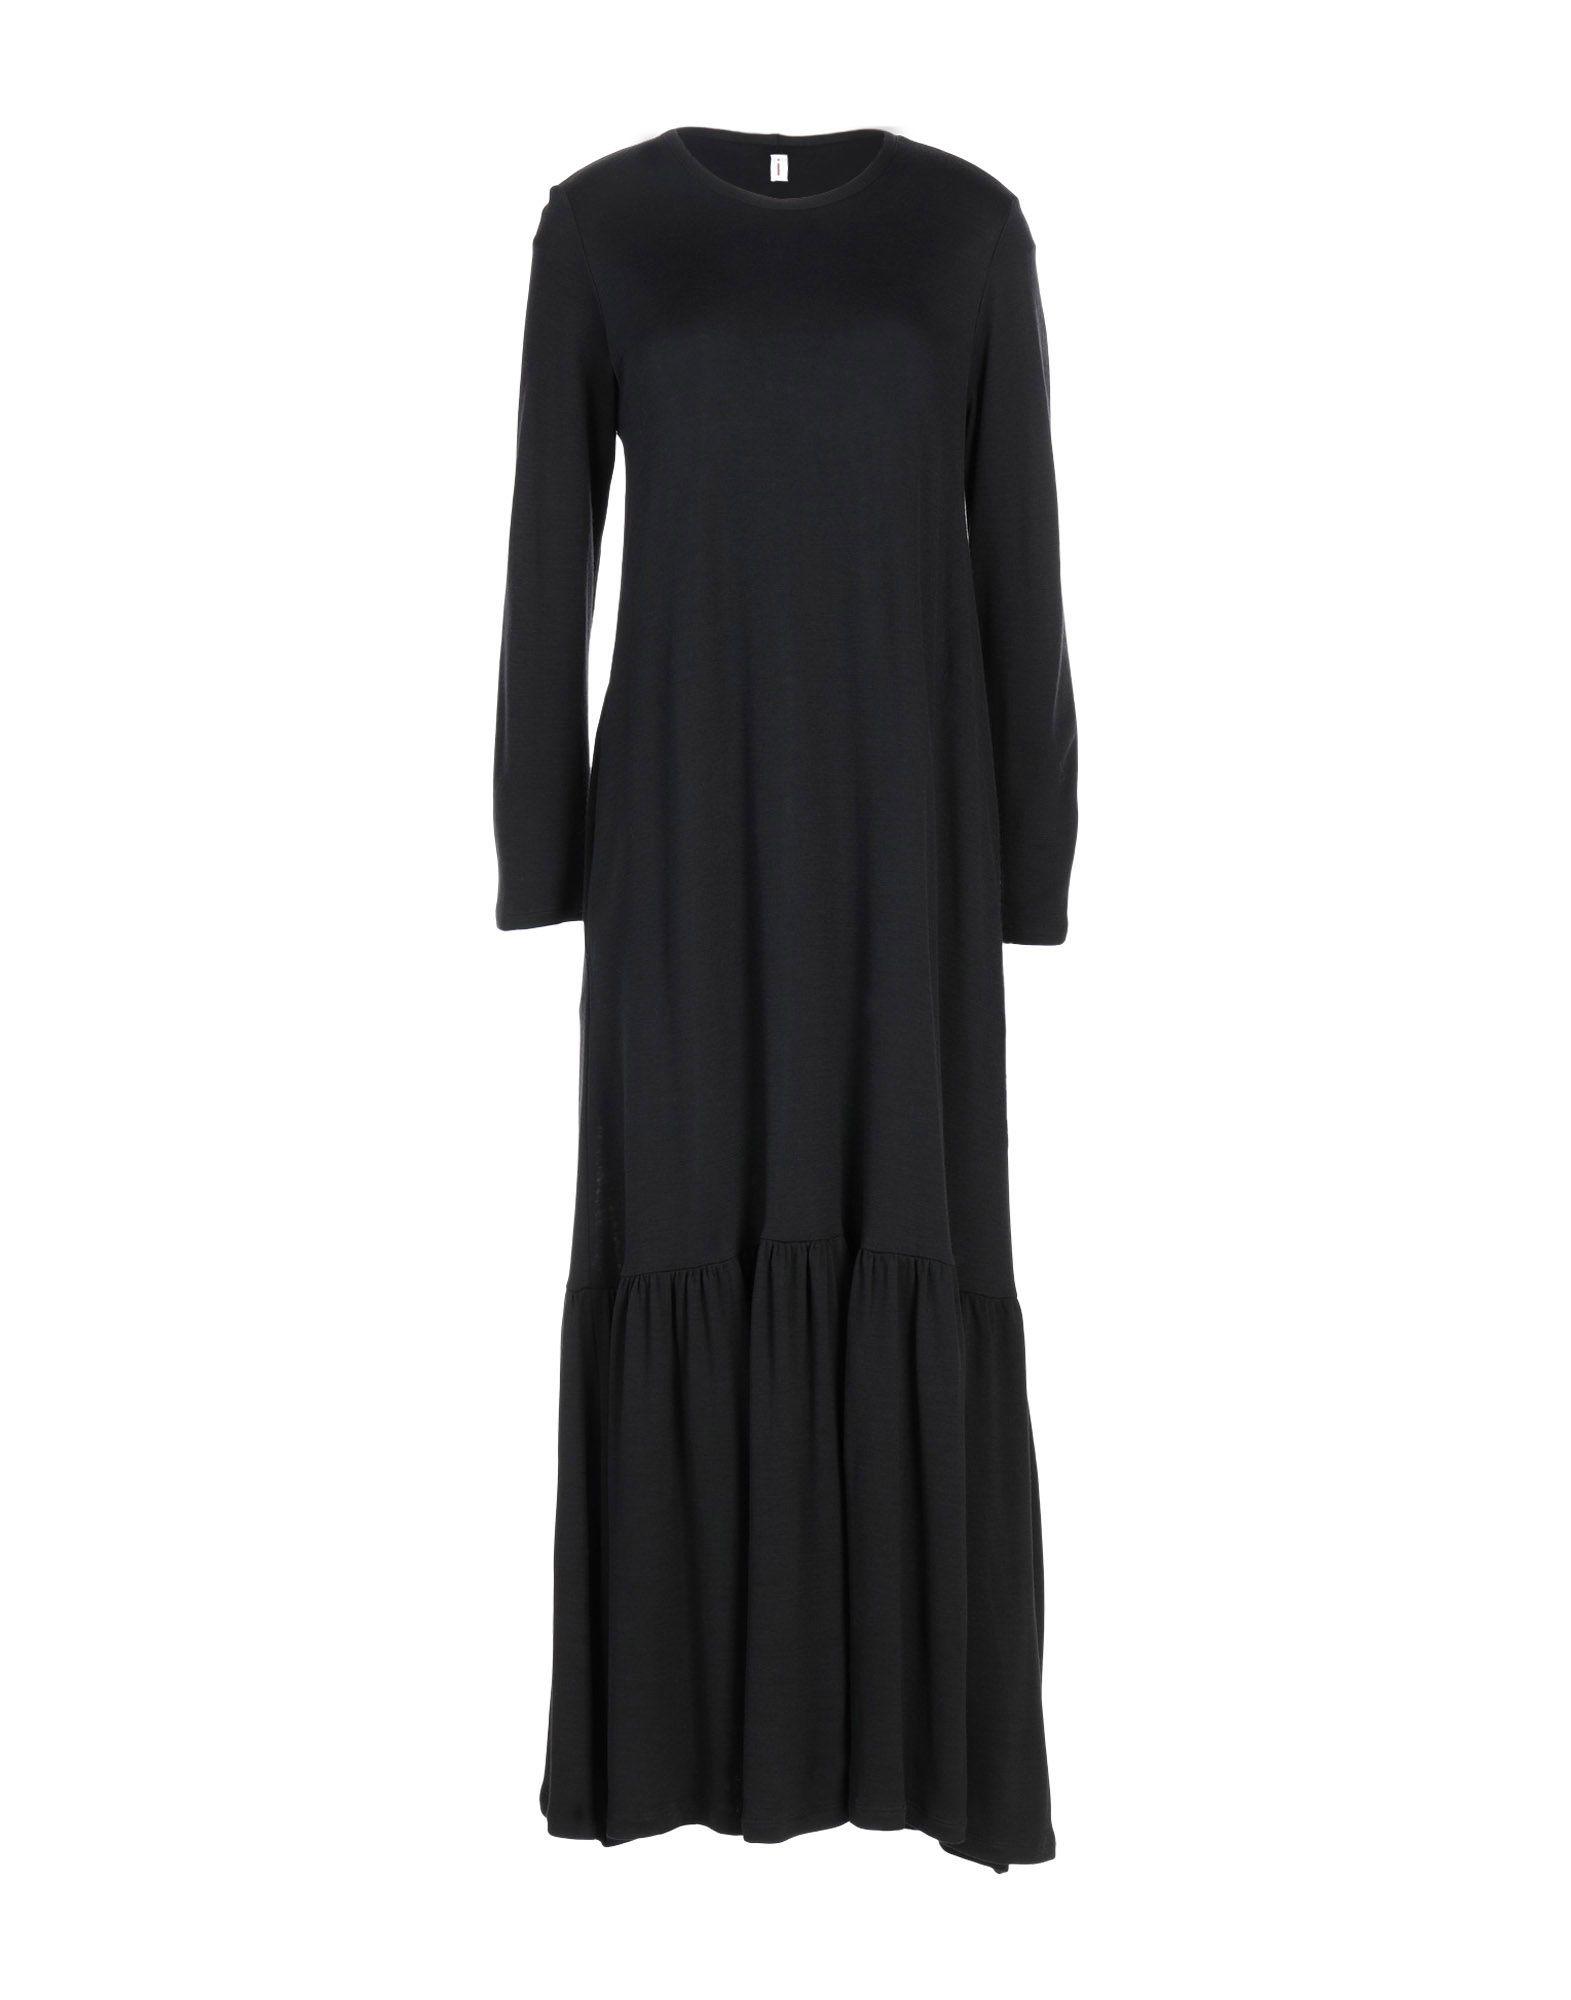 ISABELLA CLEMENTINI Длинное платье платье женское baukjen by isabella платья и сарафаны бандажные и обтягивающие